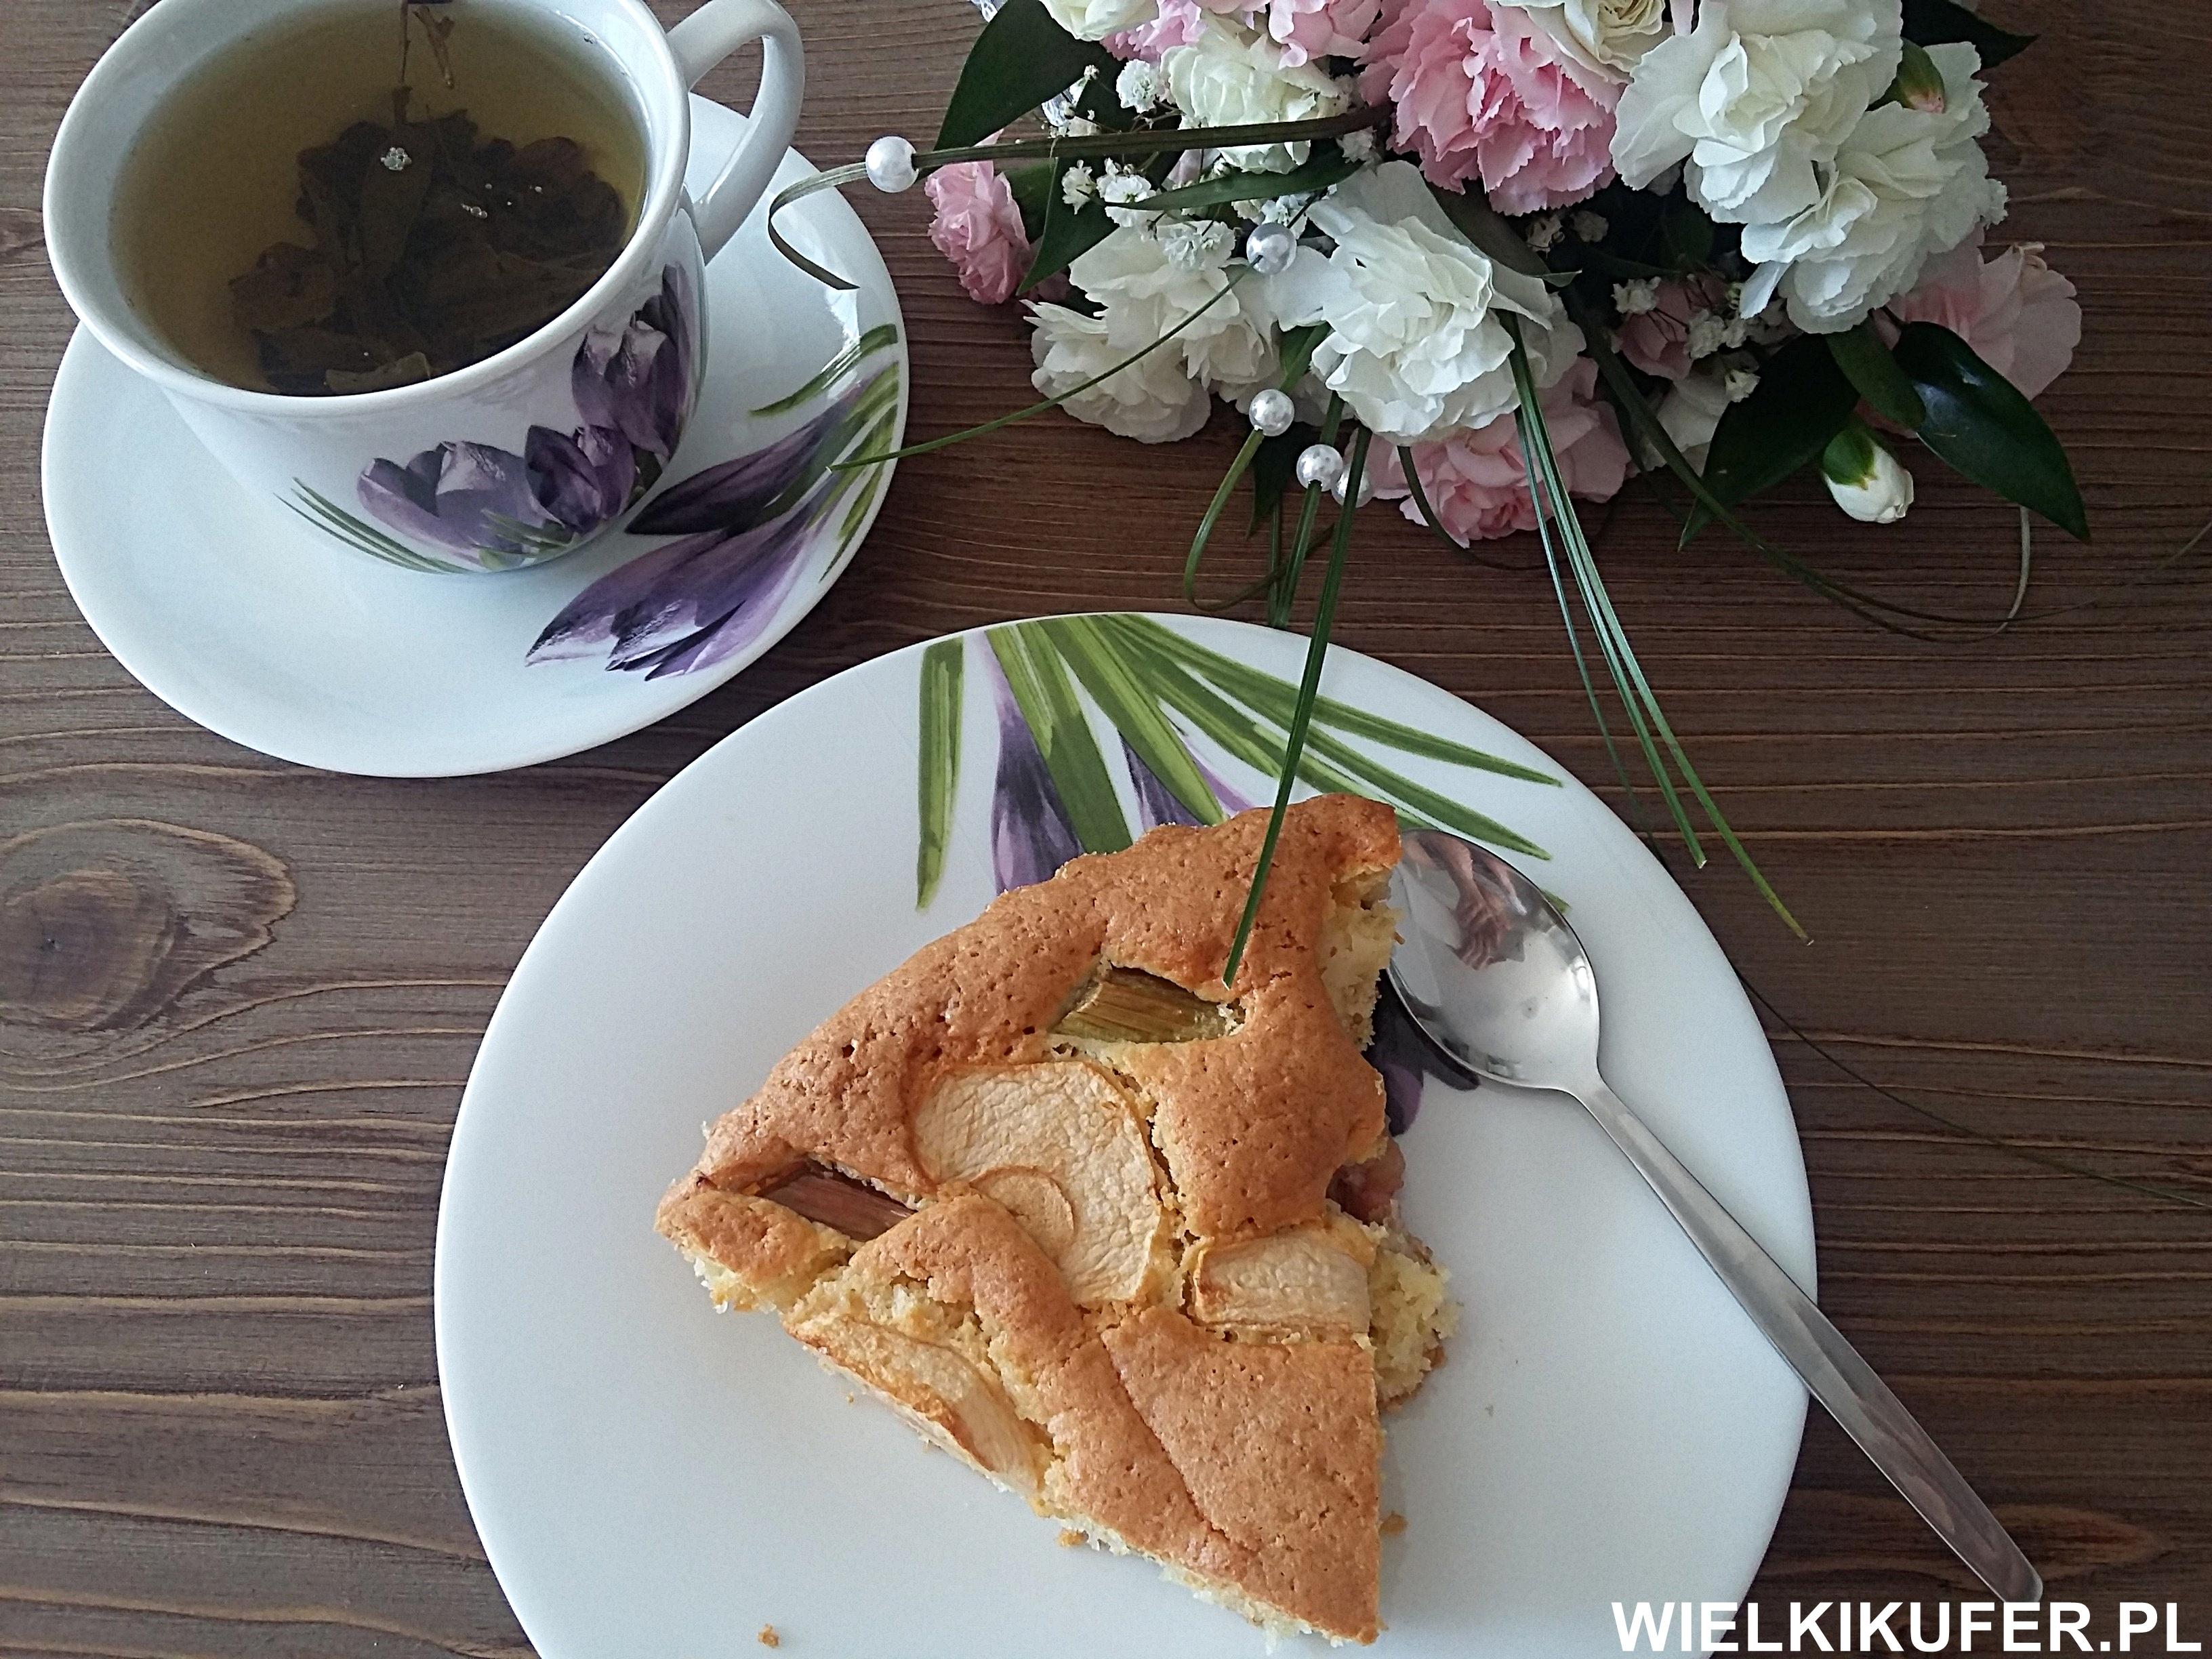 Co można zrobić z rabarbaru? Ciasto z jabłkami i rabarbarem, kompot z gruszek, jabłek i rabarbaru